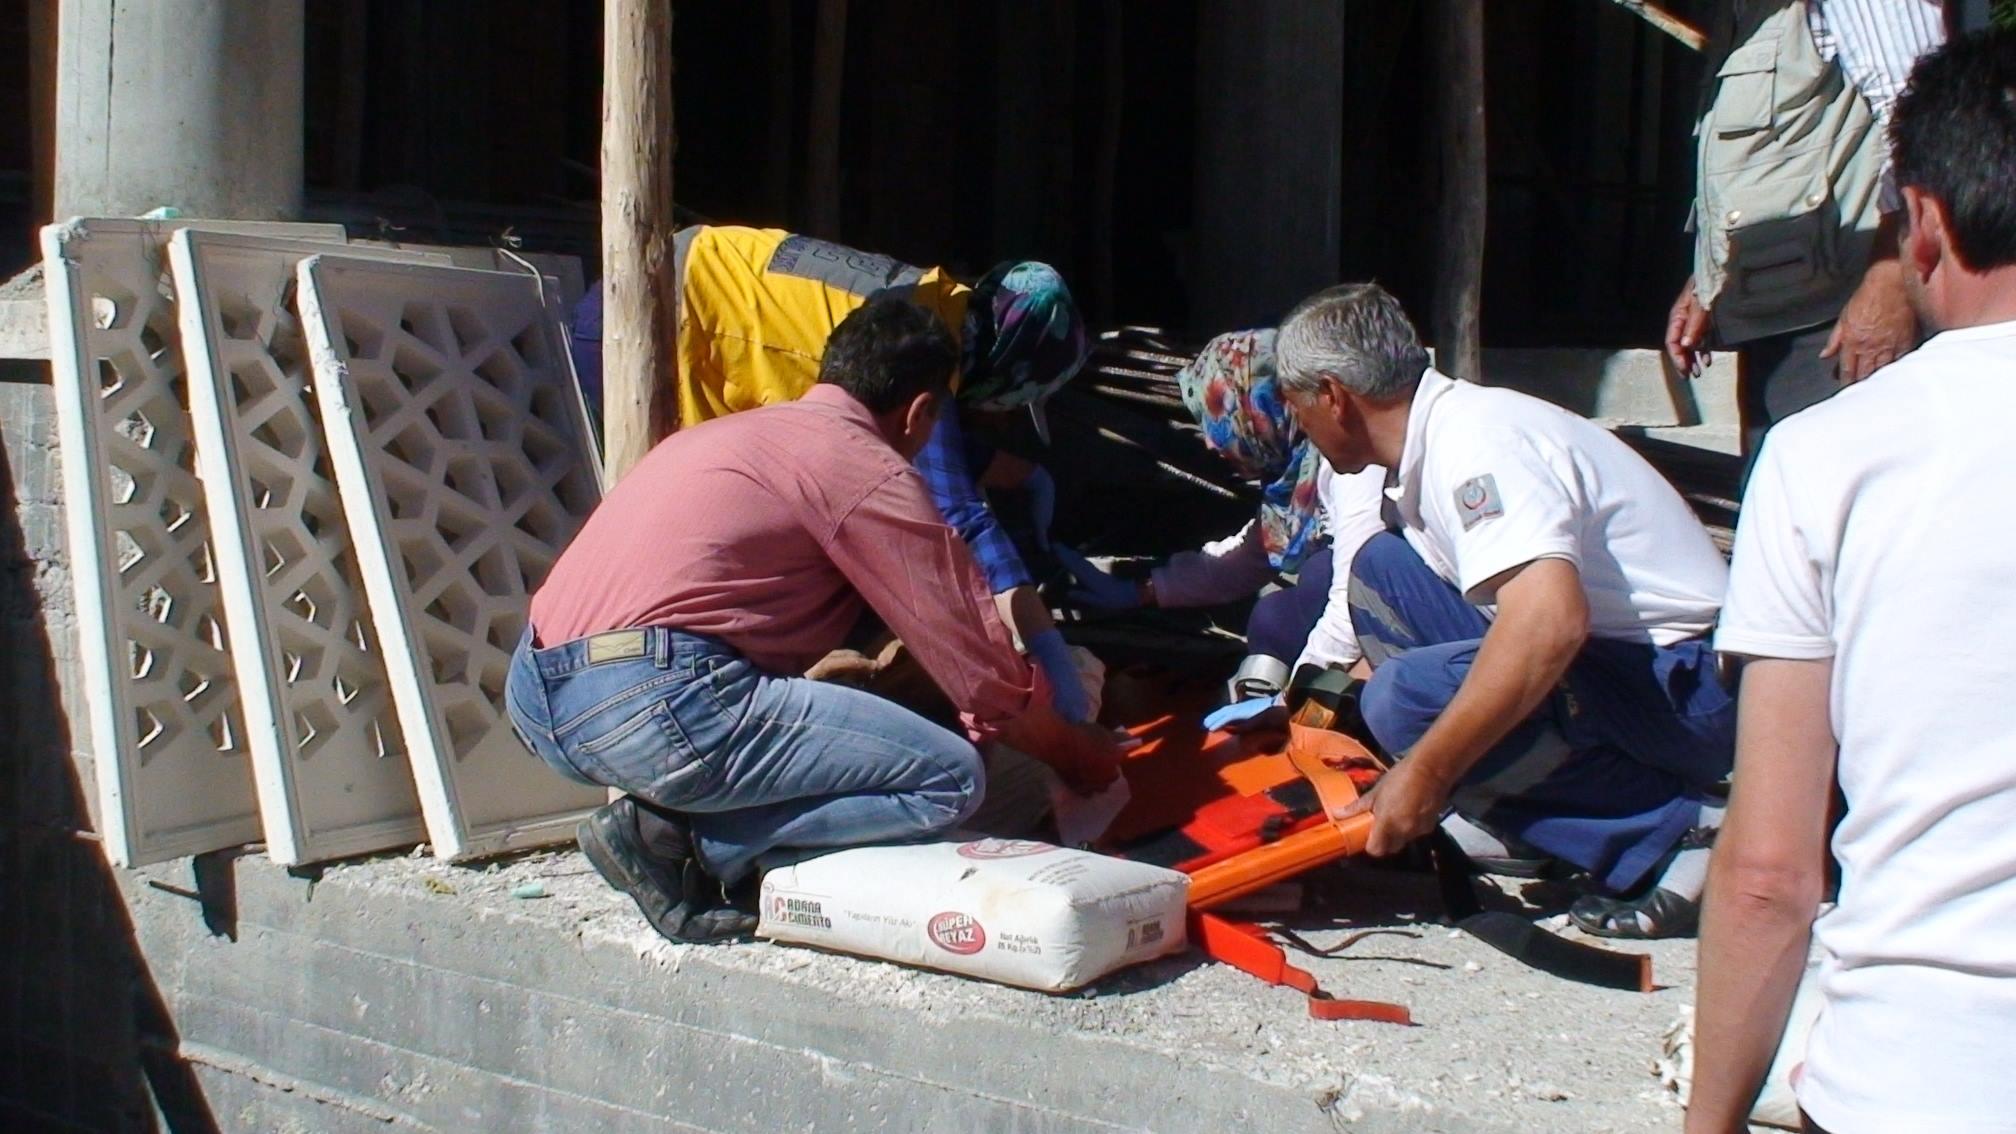 Ereğlide camii inşaatı çöktü :1 yaralı